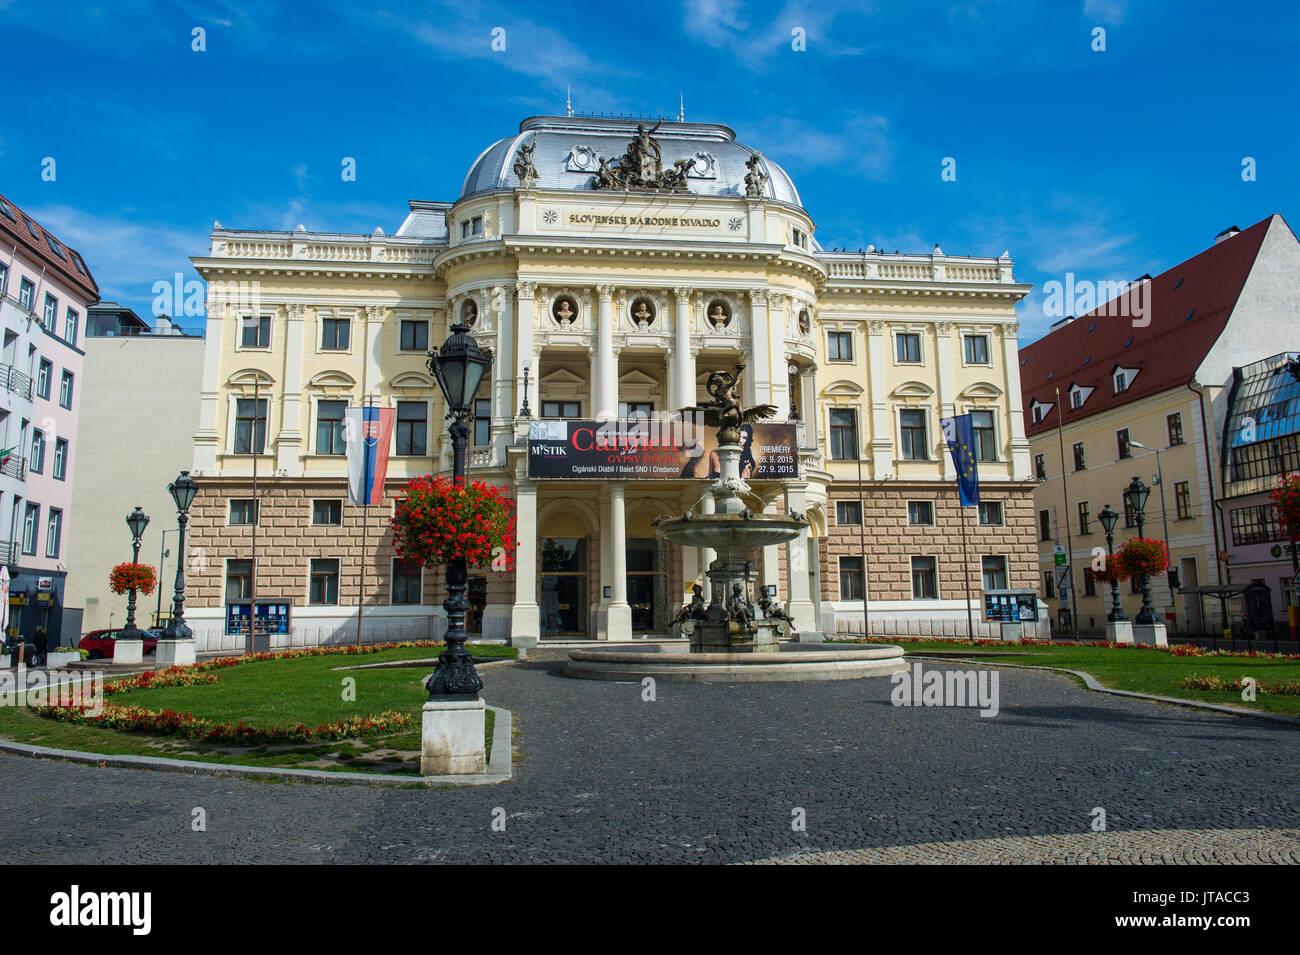 Storico Teatro nazionale slovacco, Primate del palazzo, Bratislava, Slovacchia, Europa Immagini Stock